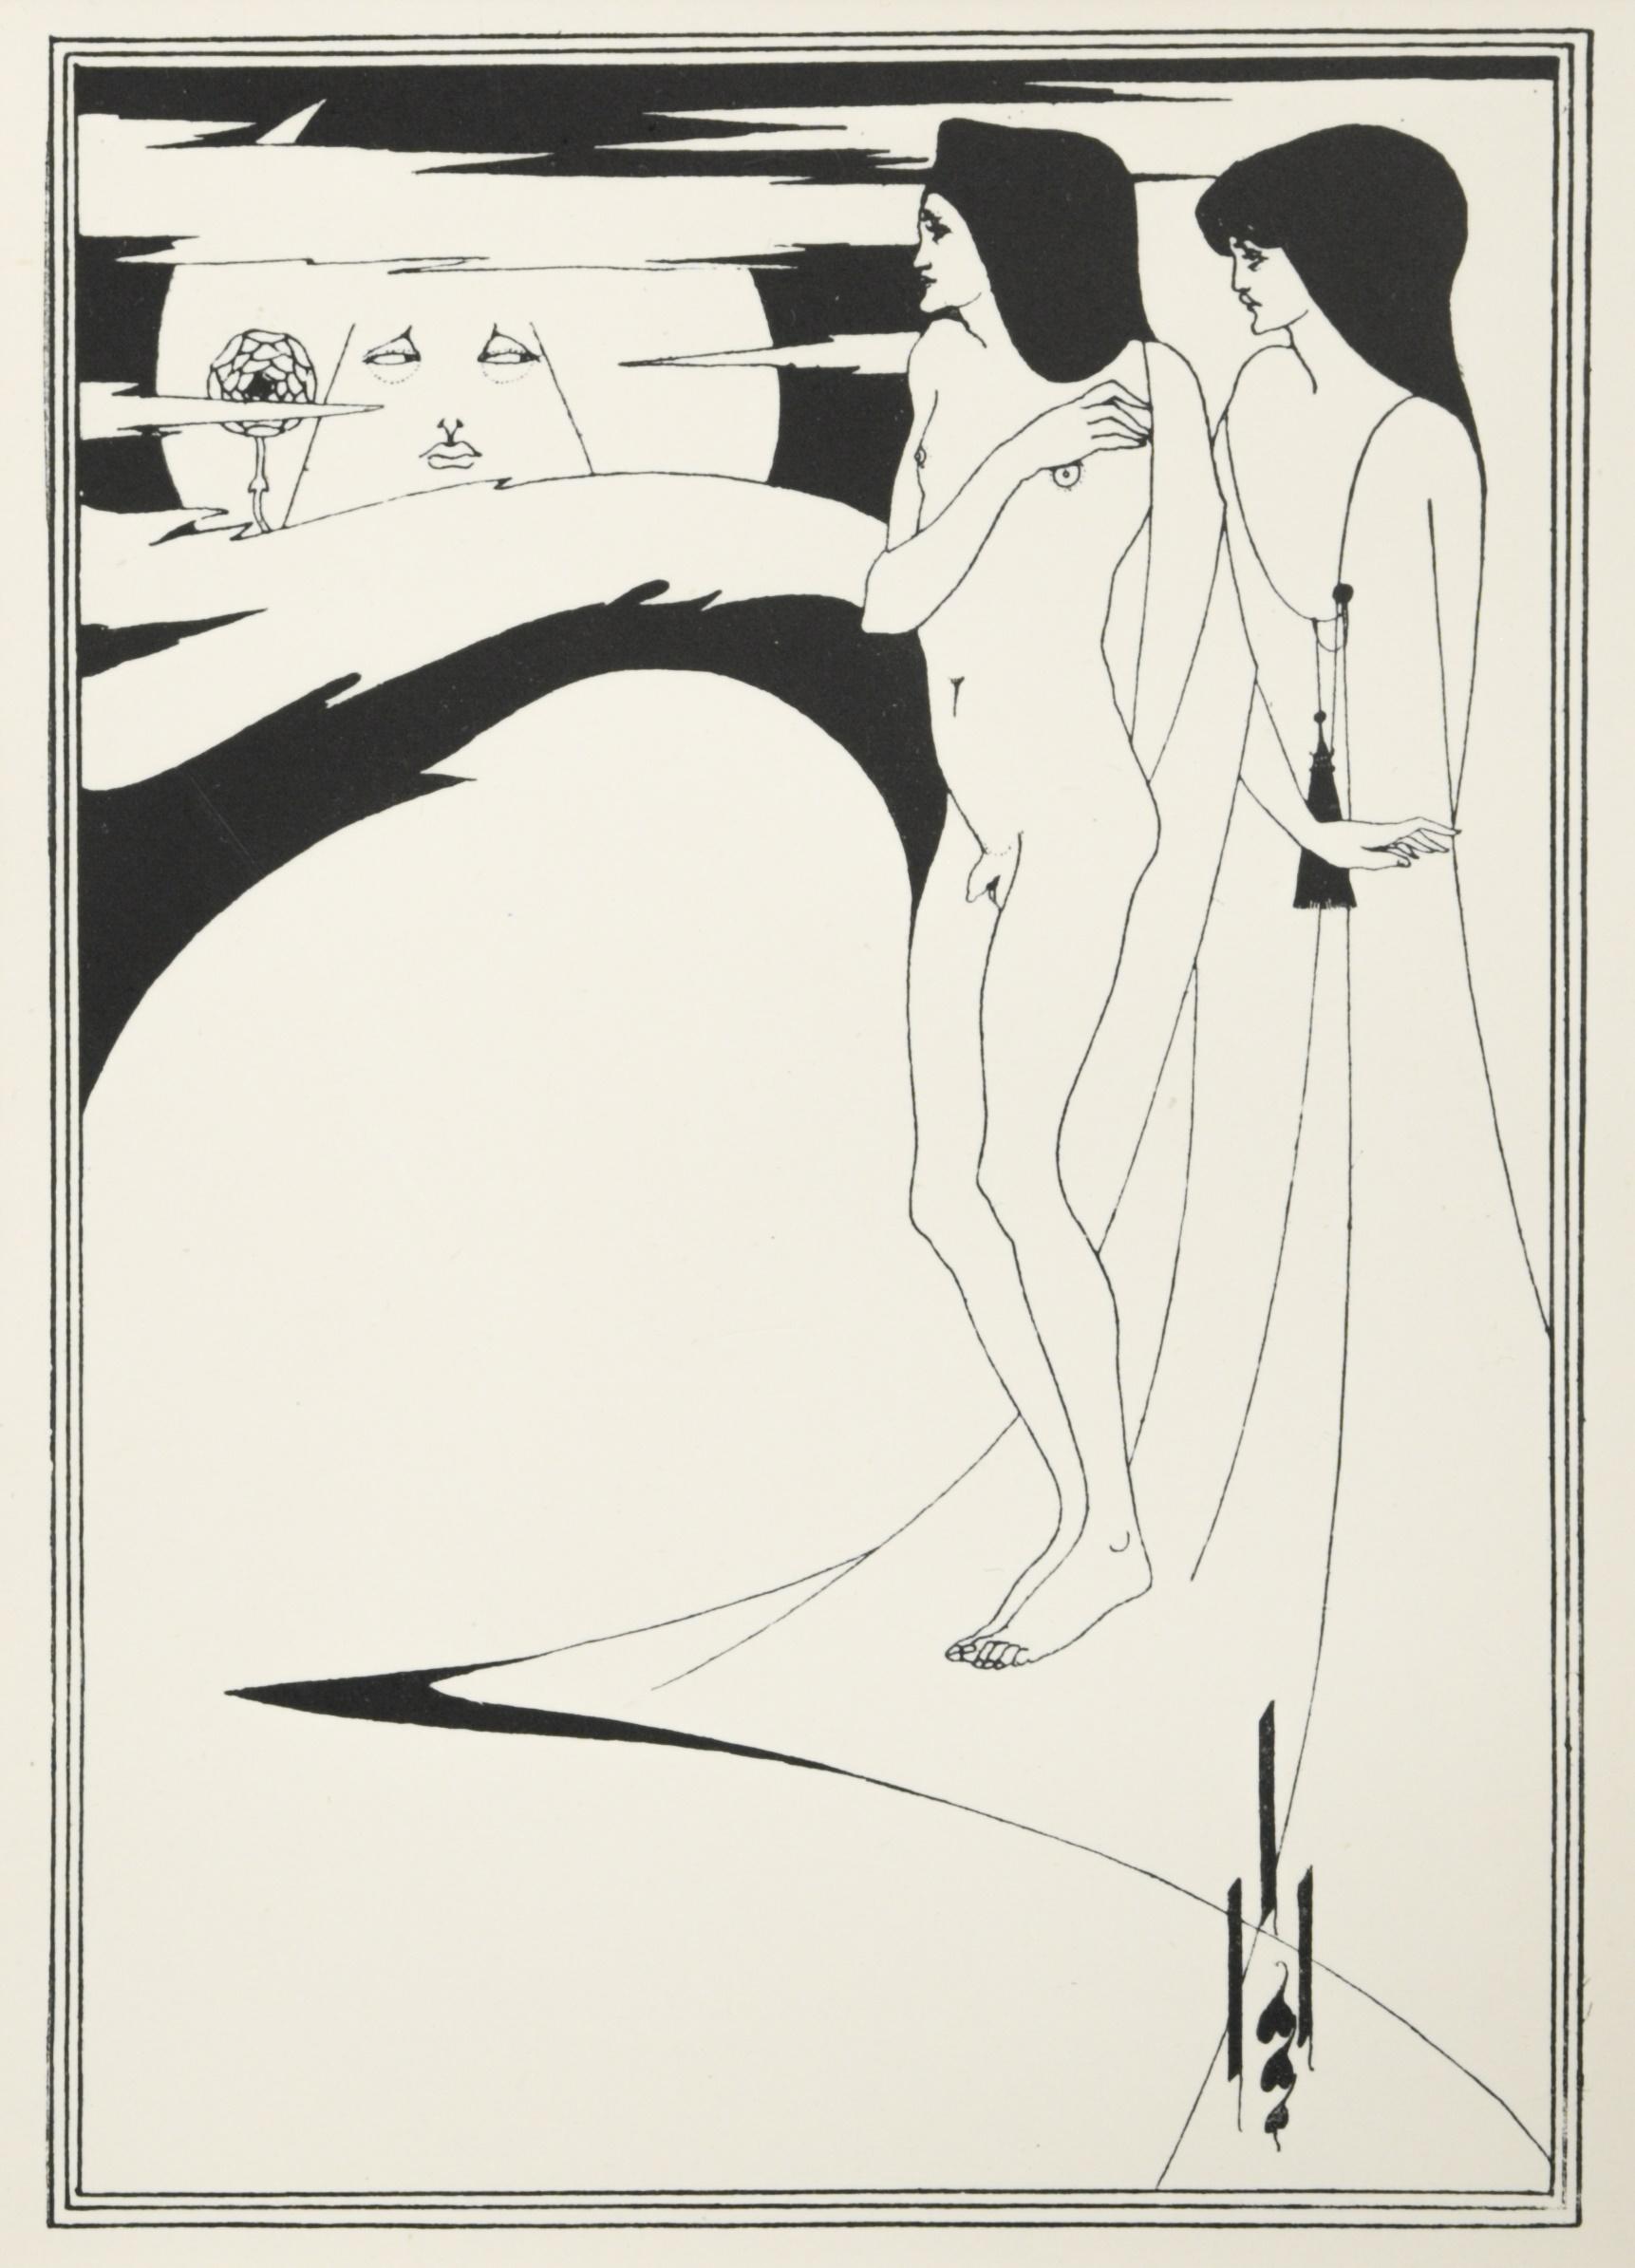 Aubrey Beardsley (British 1872-1898) - Image 2 of 2